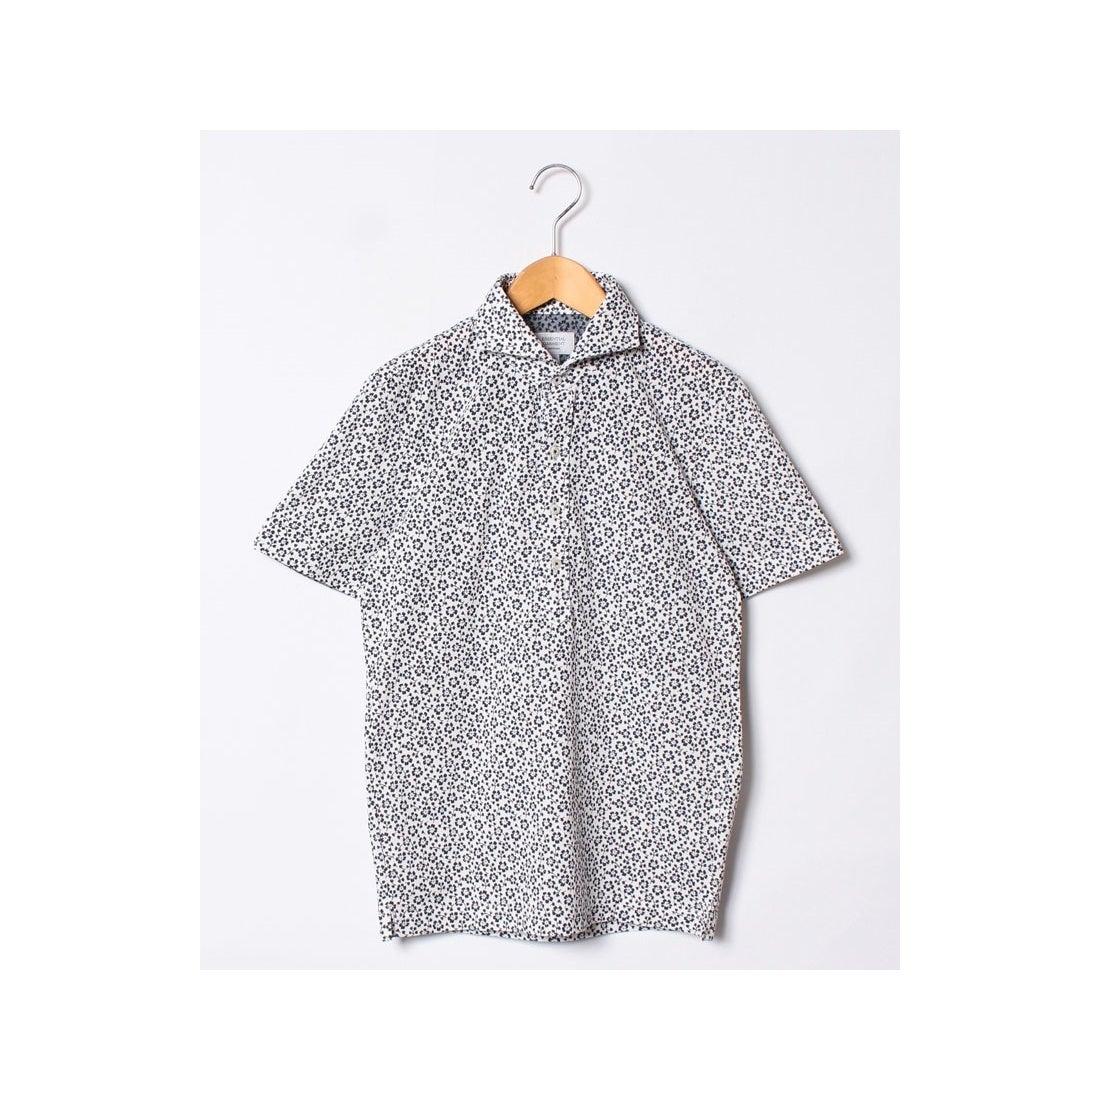 ロコンド 靴とファッションの通販サイトSSENTIAL GARMENT MEN'S BIGI カノコ素材ポロシャツ/フラワープリント 【JAPAN MADE】(ホワイト)【返品不可商品】